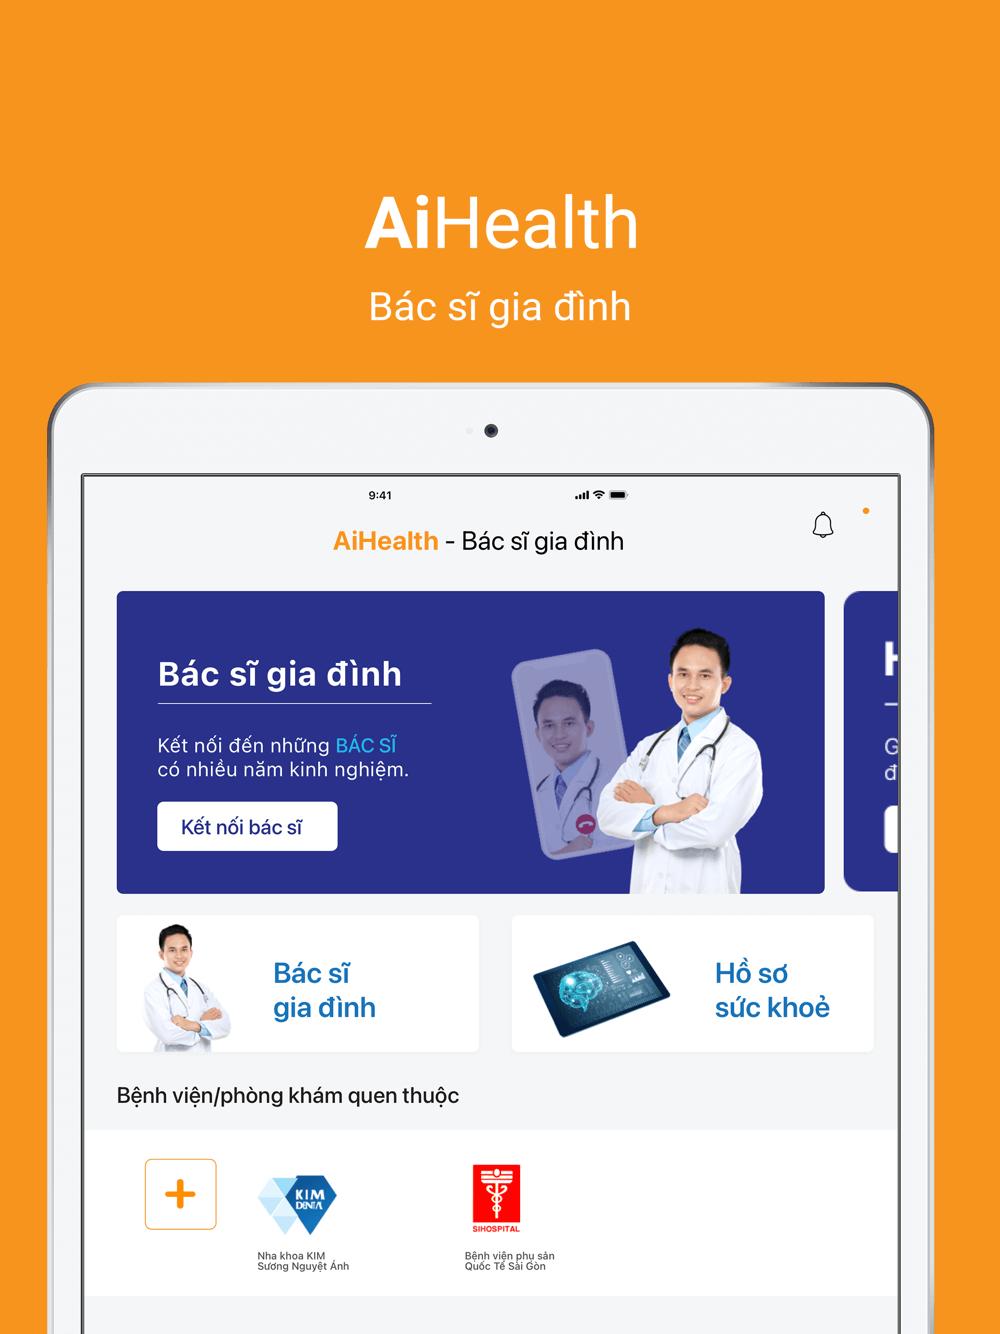 AiHealth - Bác sĩ gia đình của mọi nhà